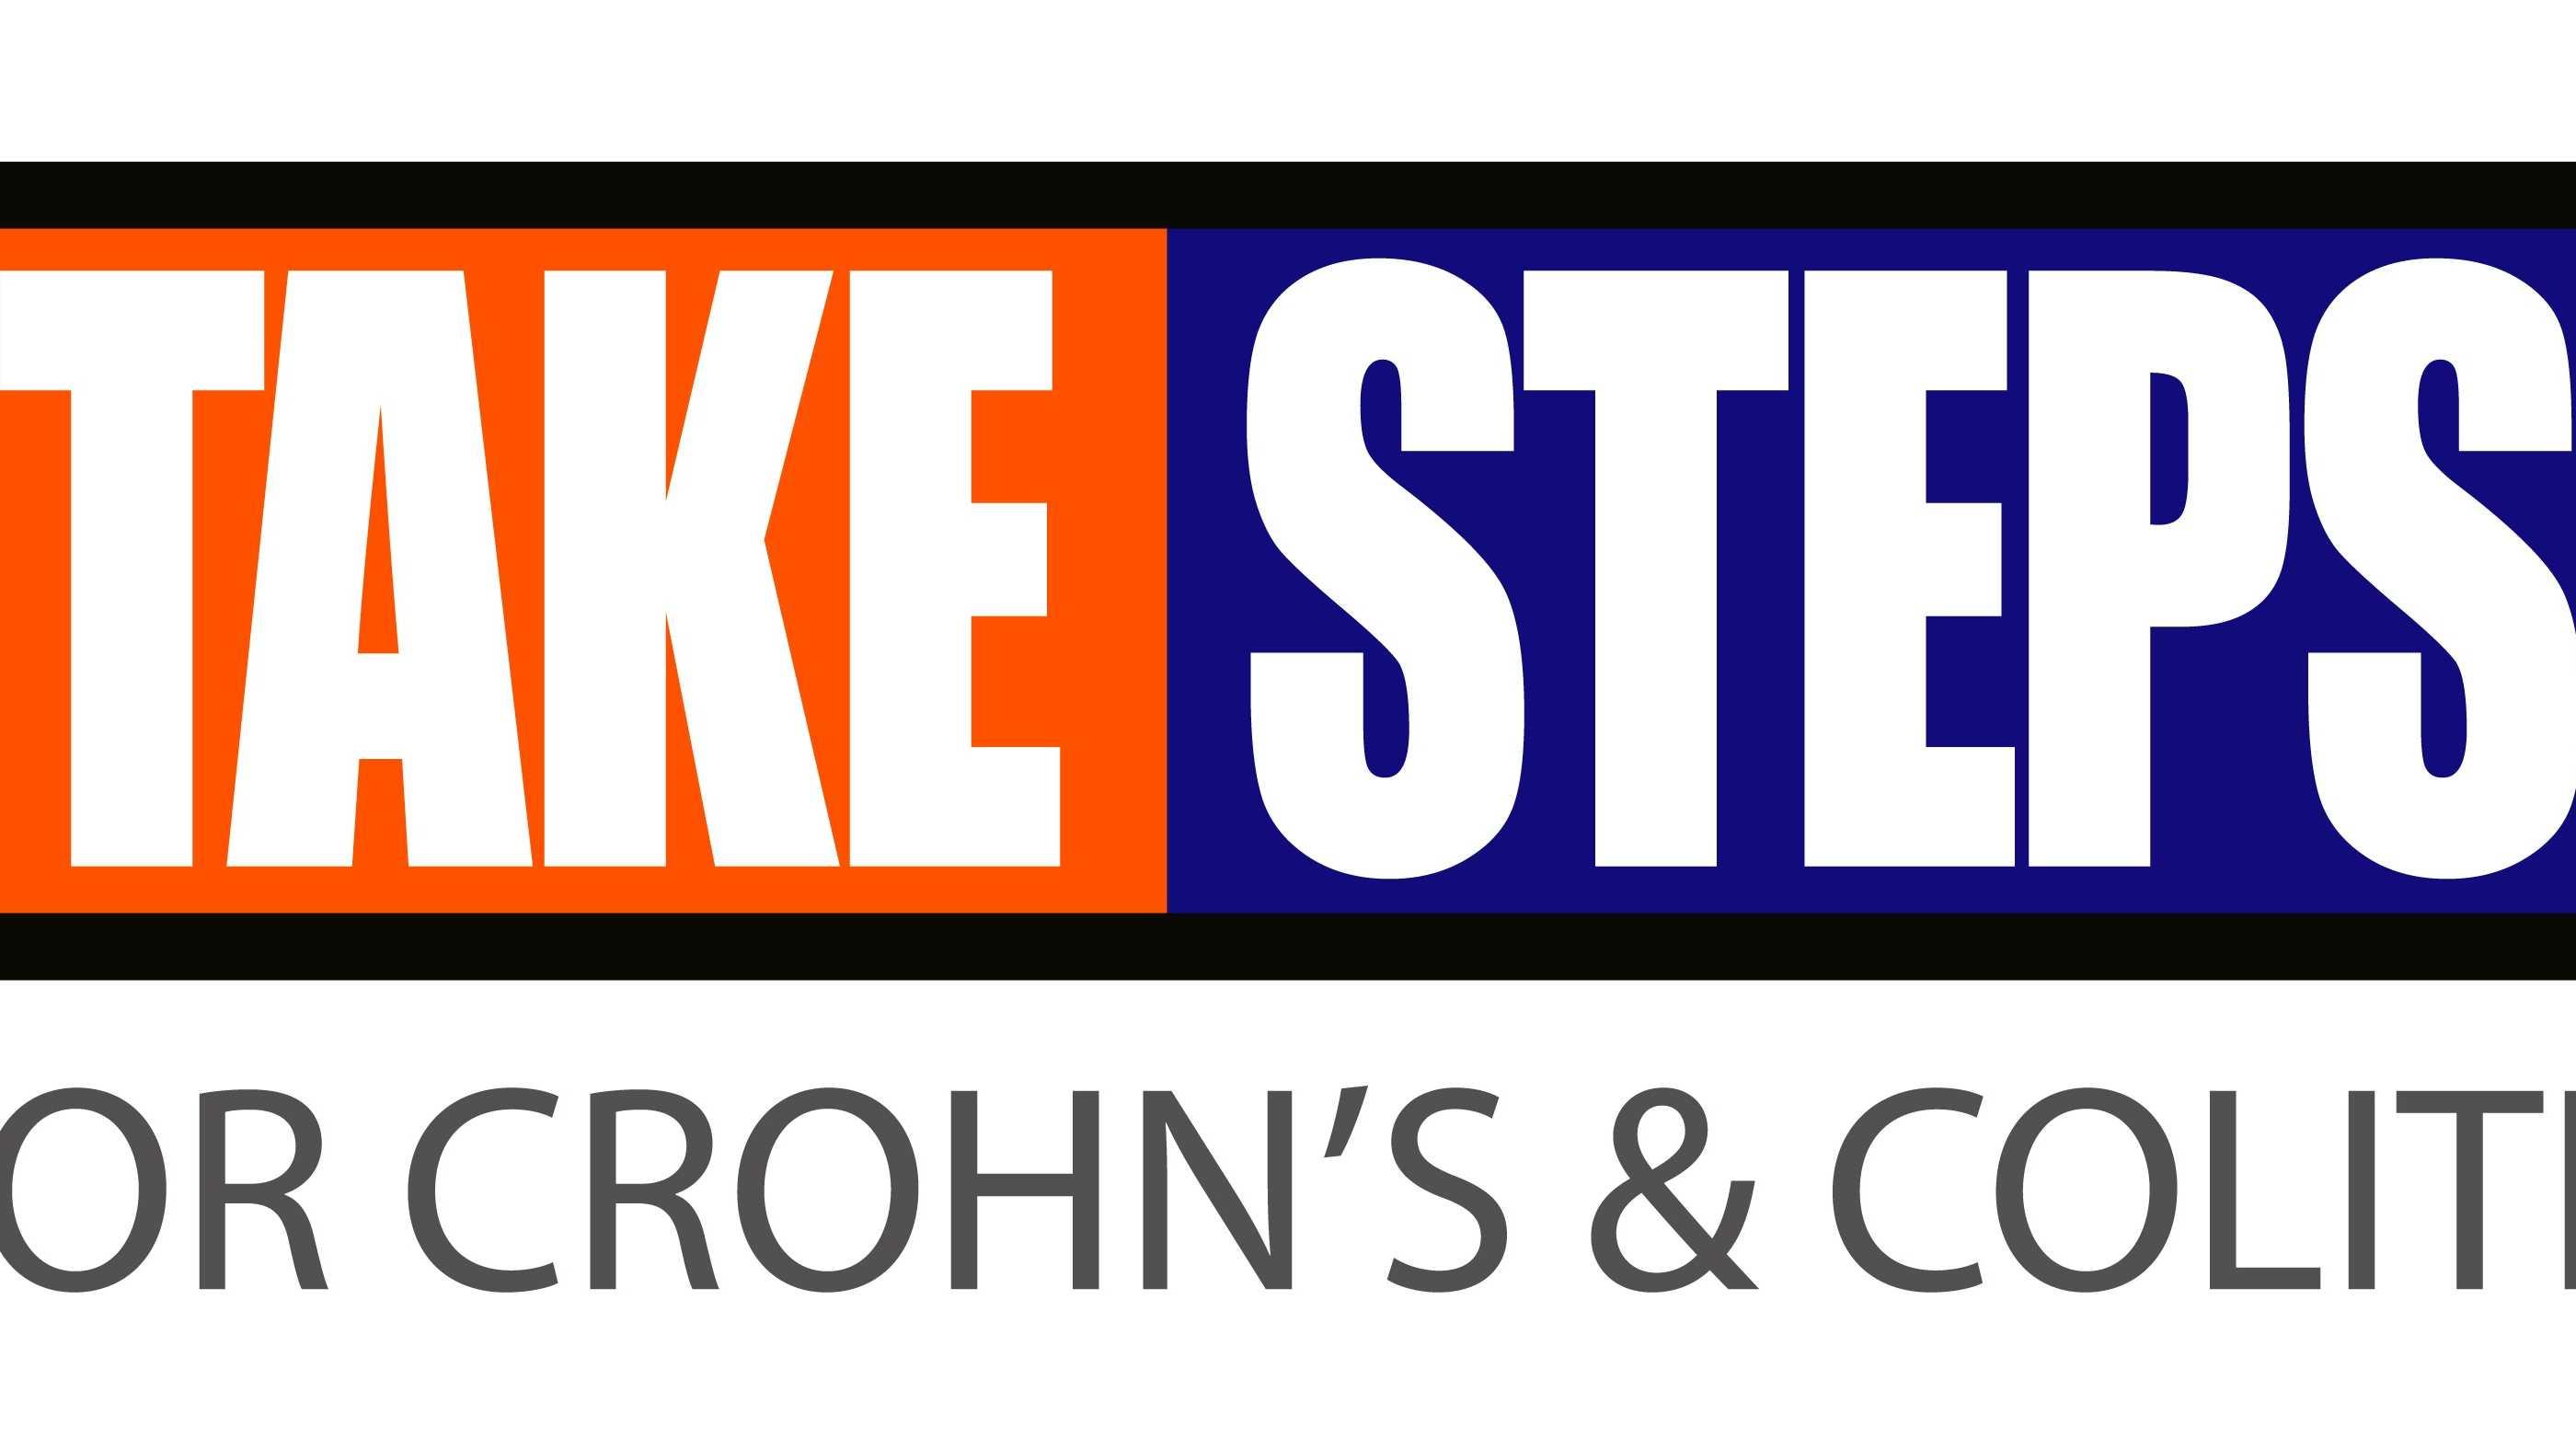 Crohns Colitis Logo